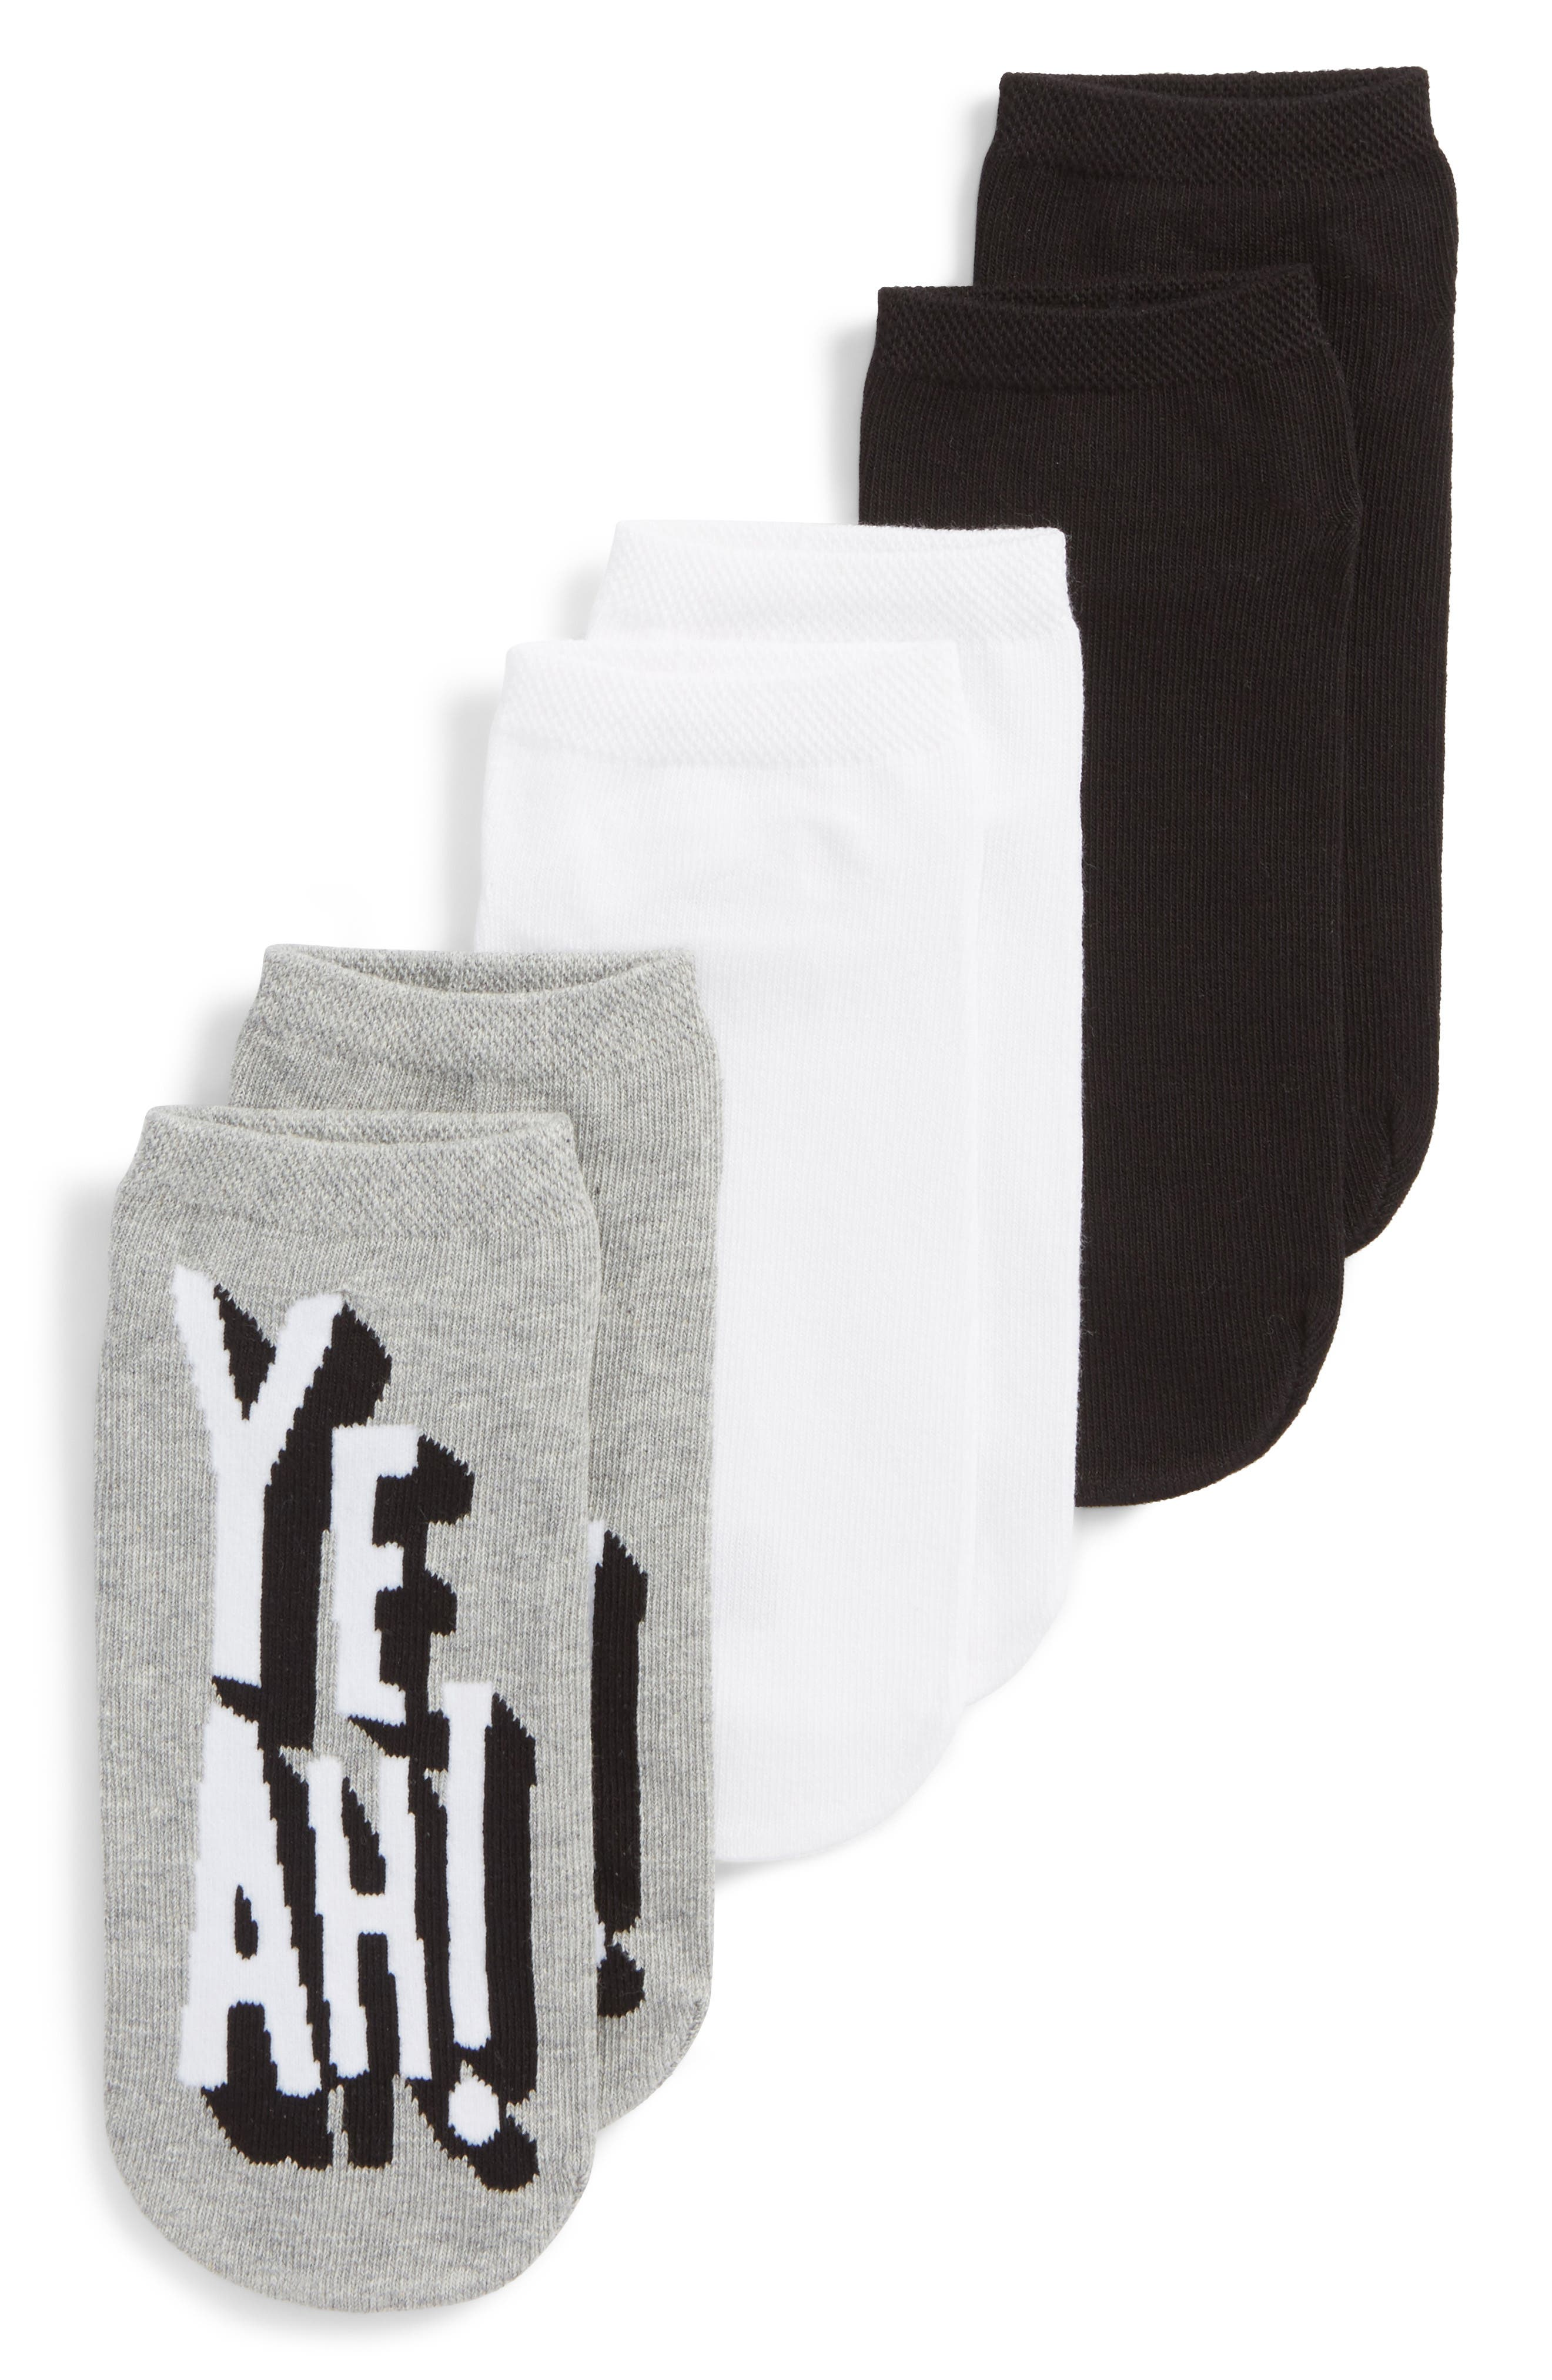 Hue Yeah Footsie 3-Pack Socks